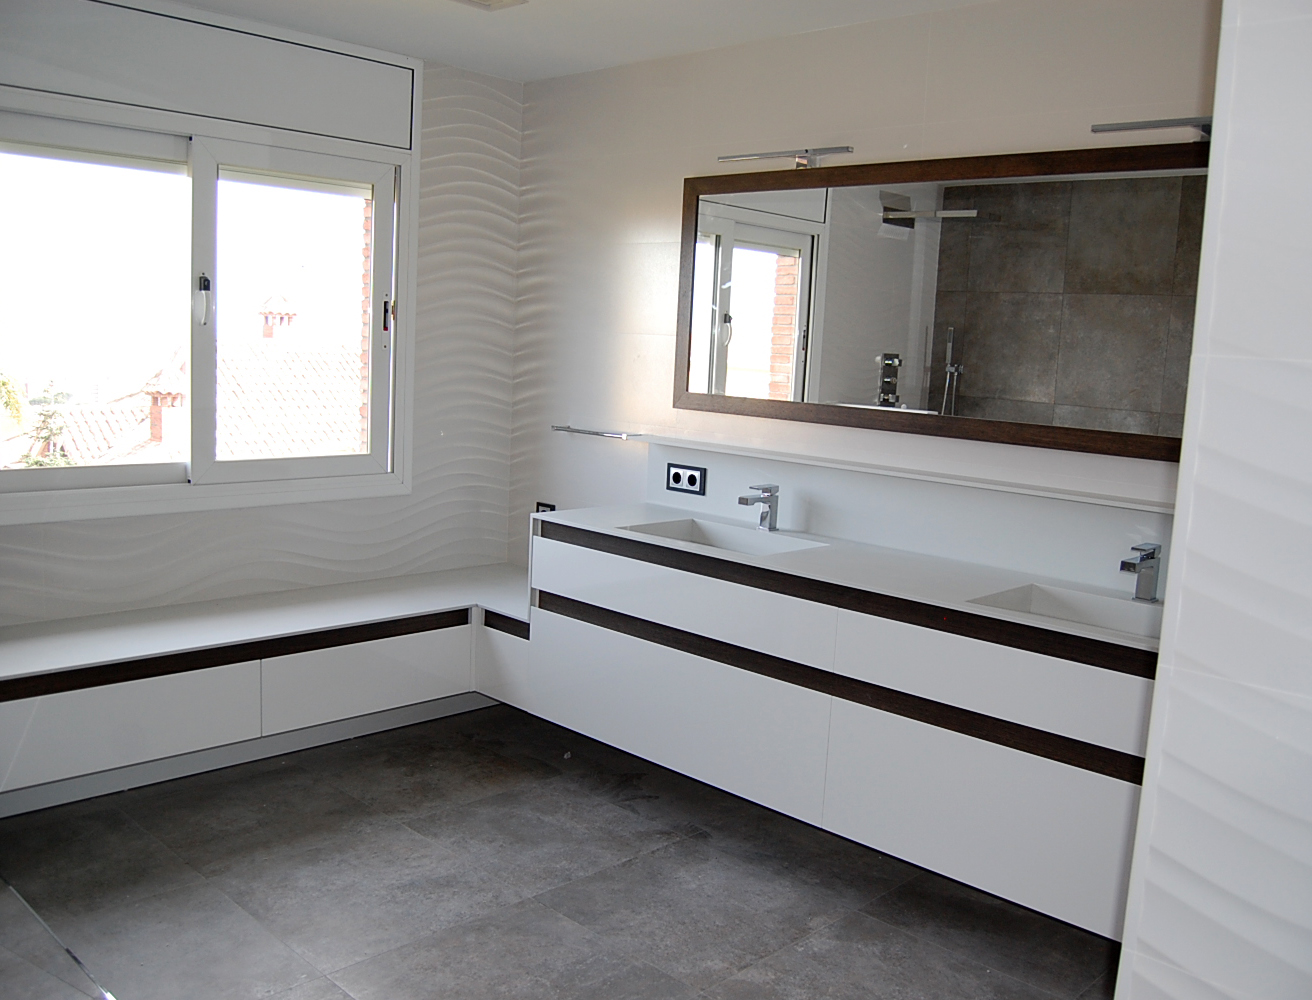 Mueble de baño y mueble tocador suspendidos lacados en blanco con